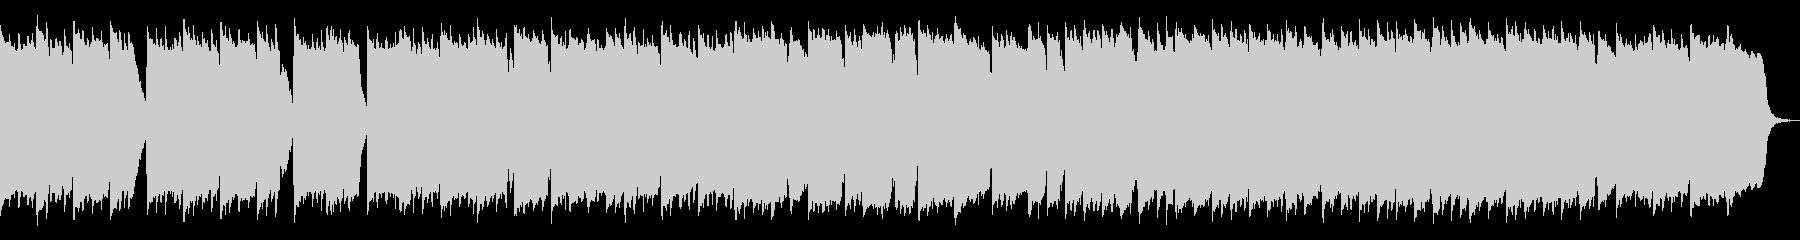 冬の雰囲気 シンセベル ヒーリングBGMの未再生の波形